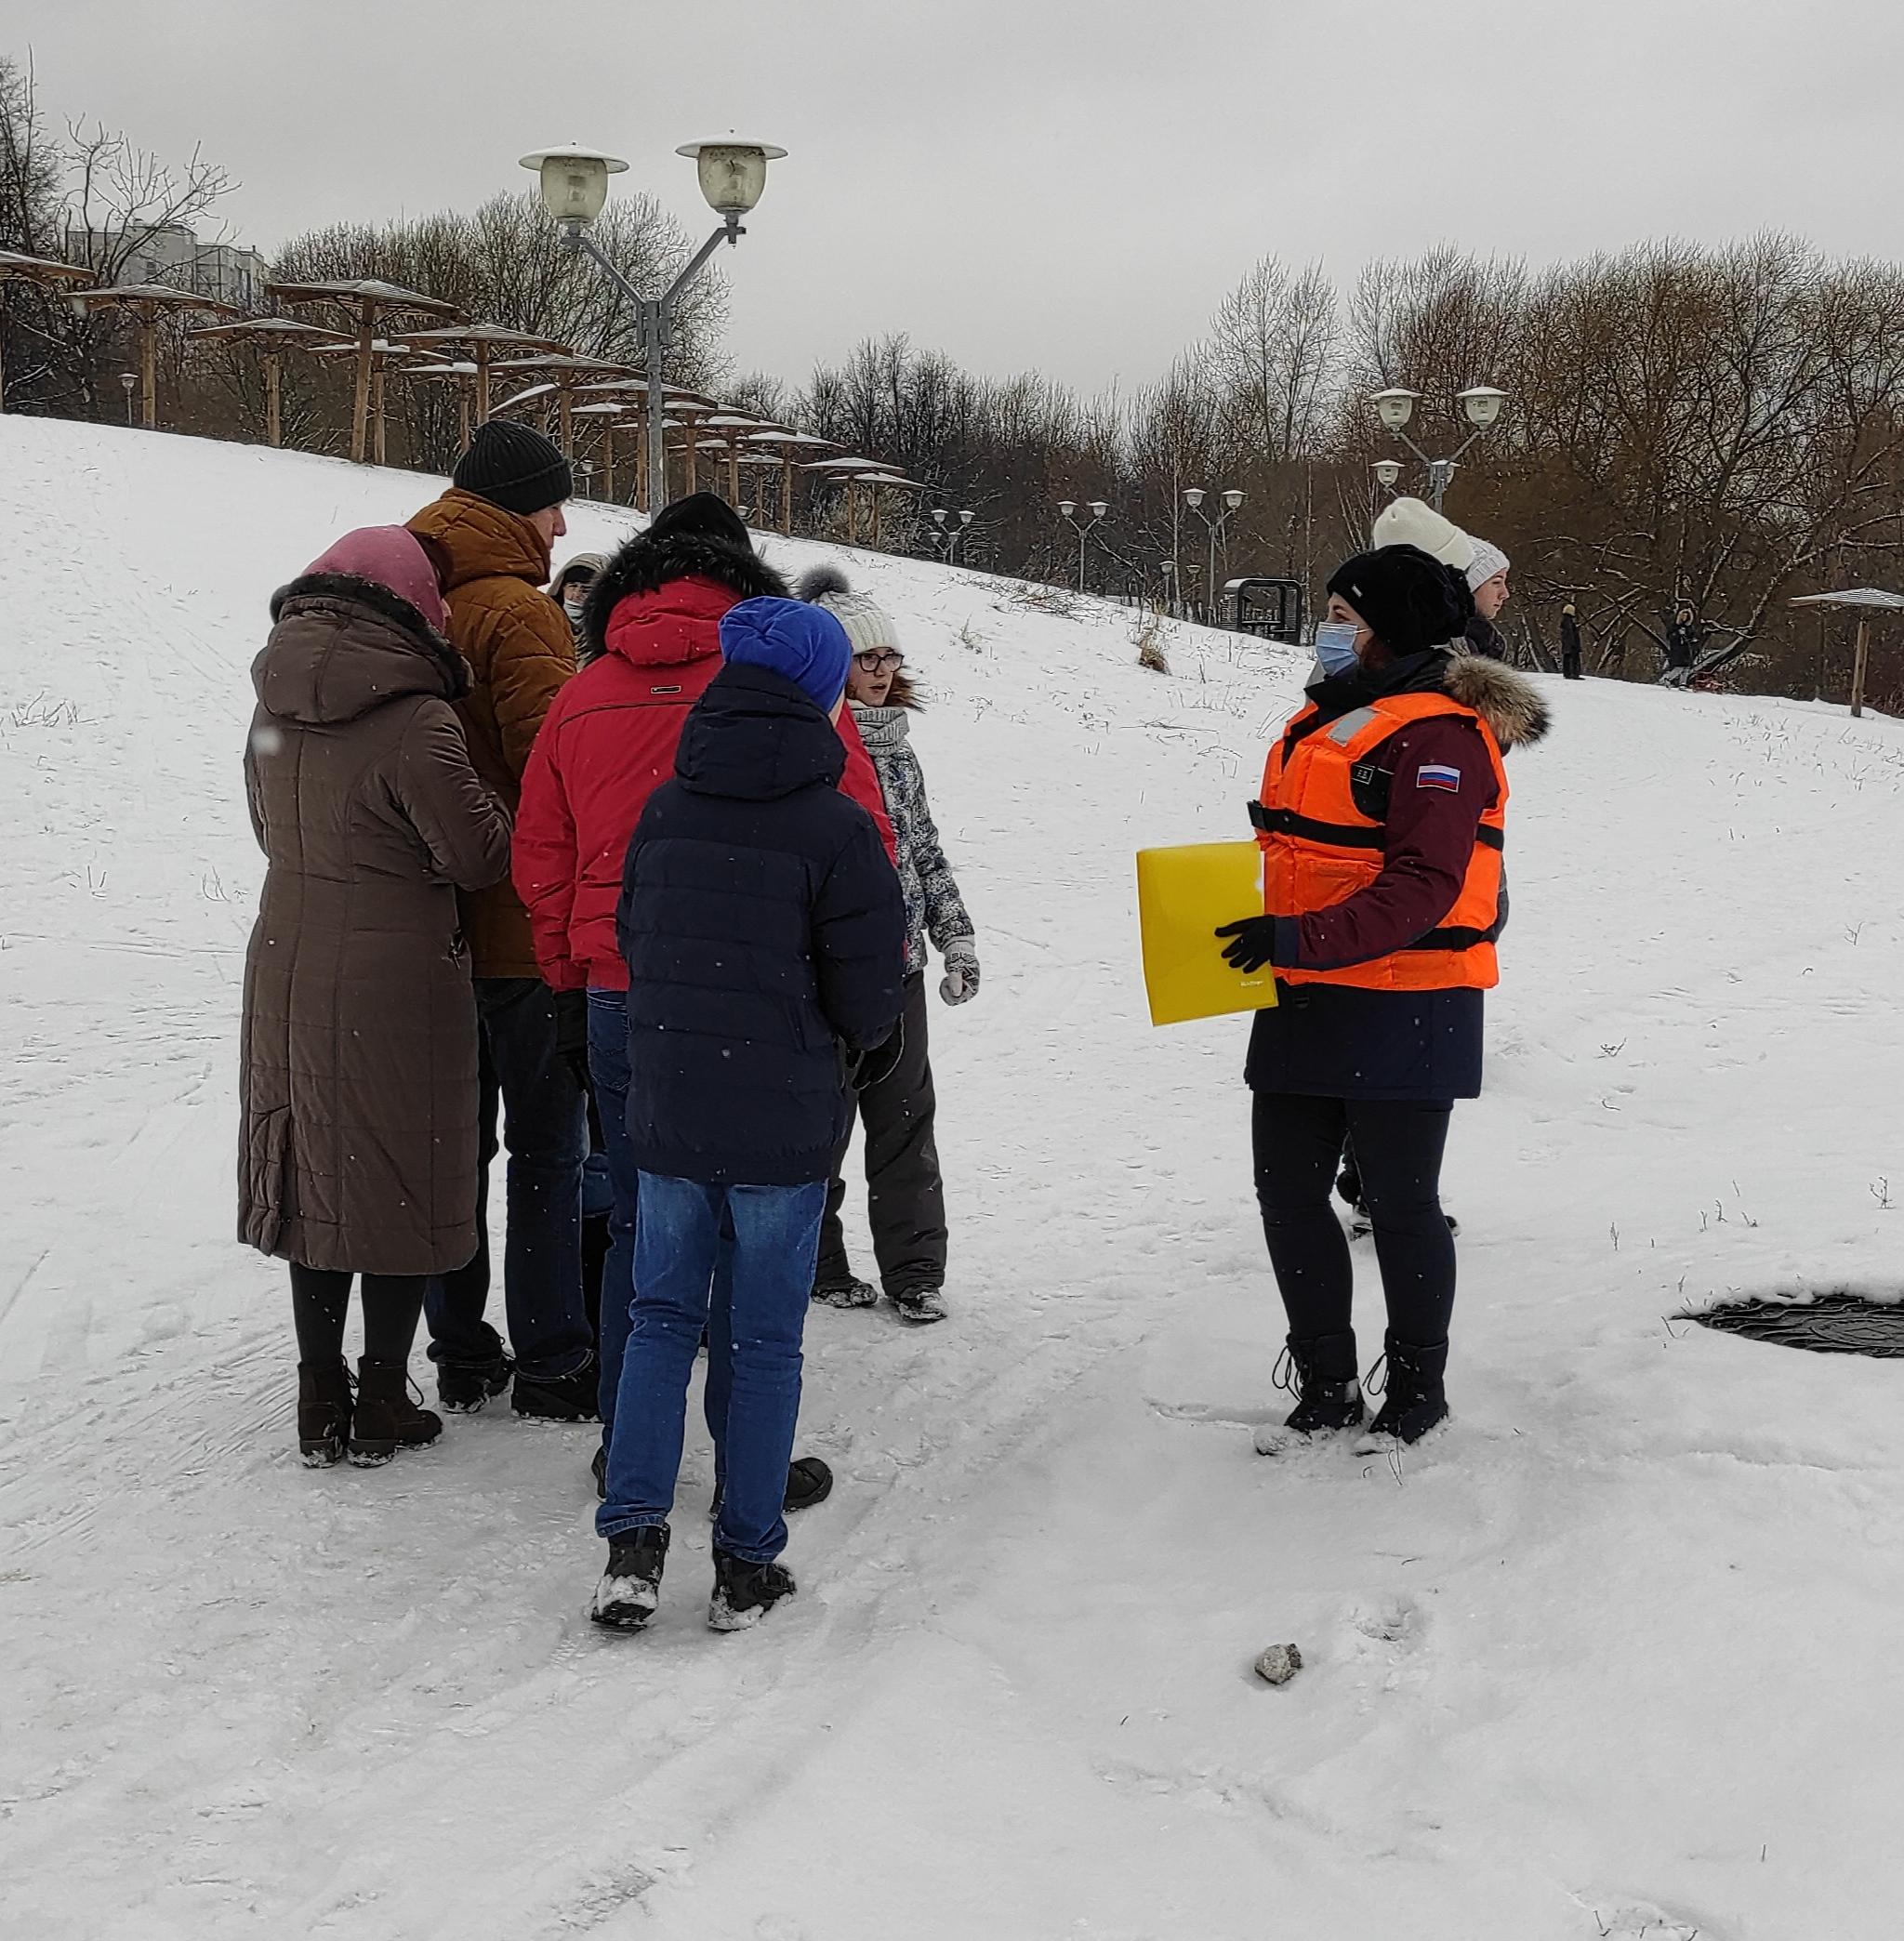 Сотрудники Управления по ЮАО Департамента ГОЧСиПБ стоят на страже безопасности населения. Фото: пресс-служба ГОЧСиПБ